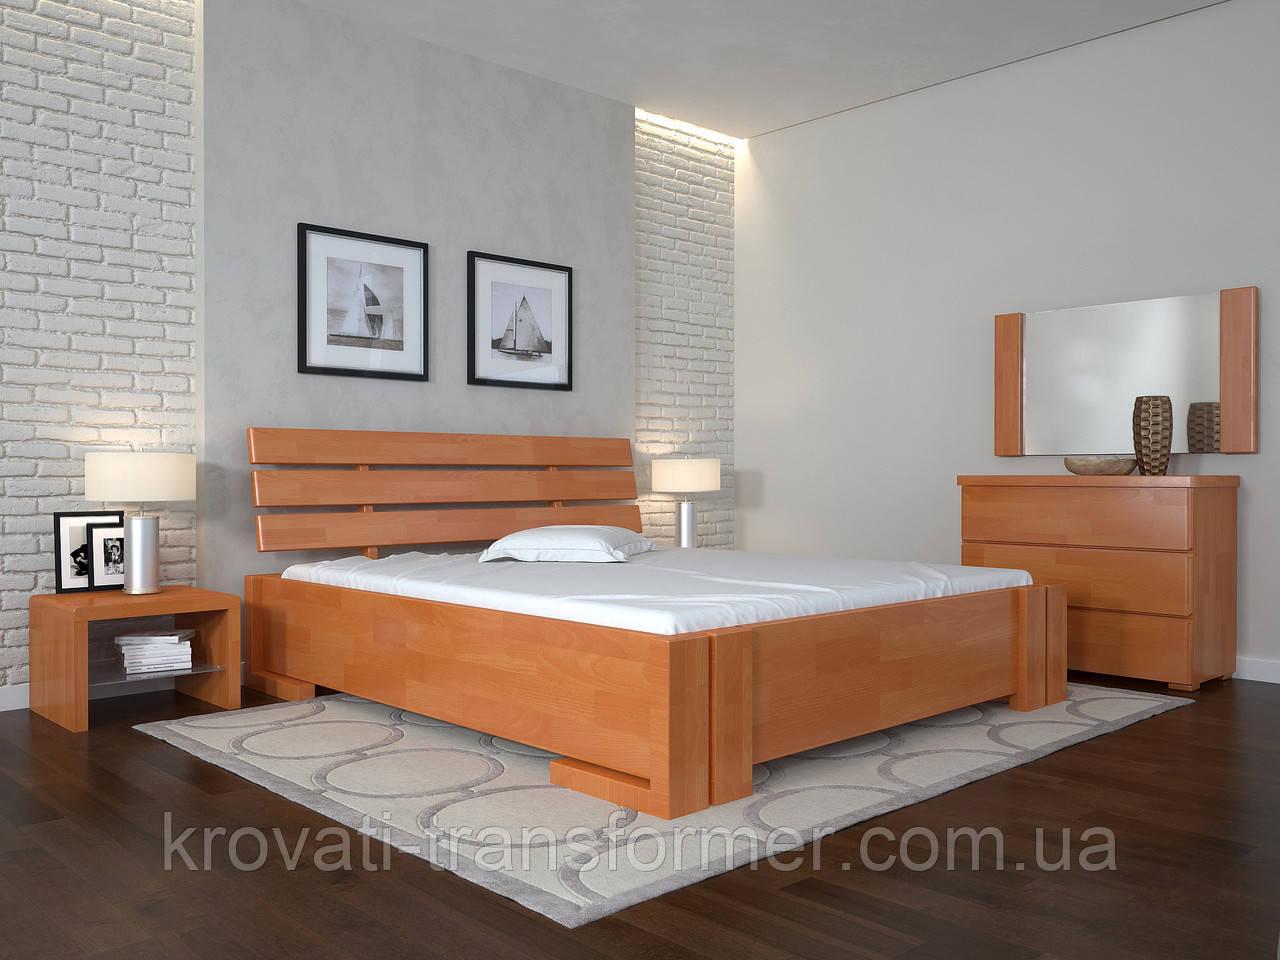 Кровать Arbordrev Домино без ПМ (120*200) сосна